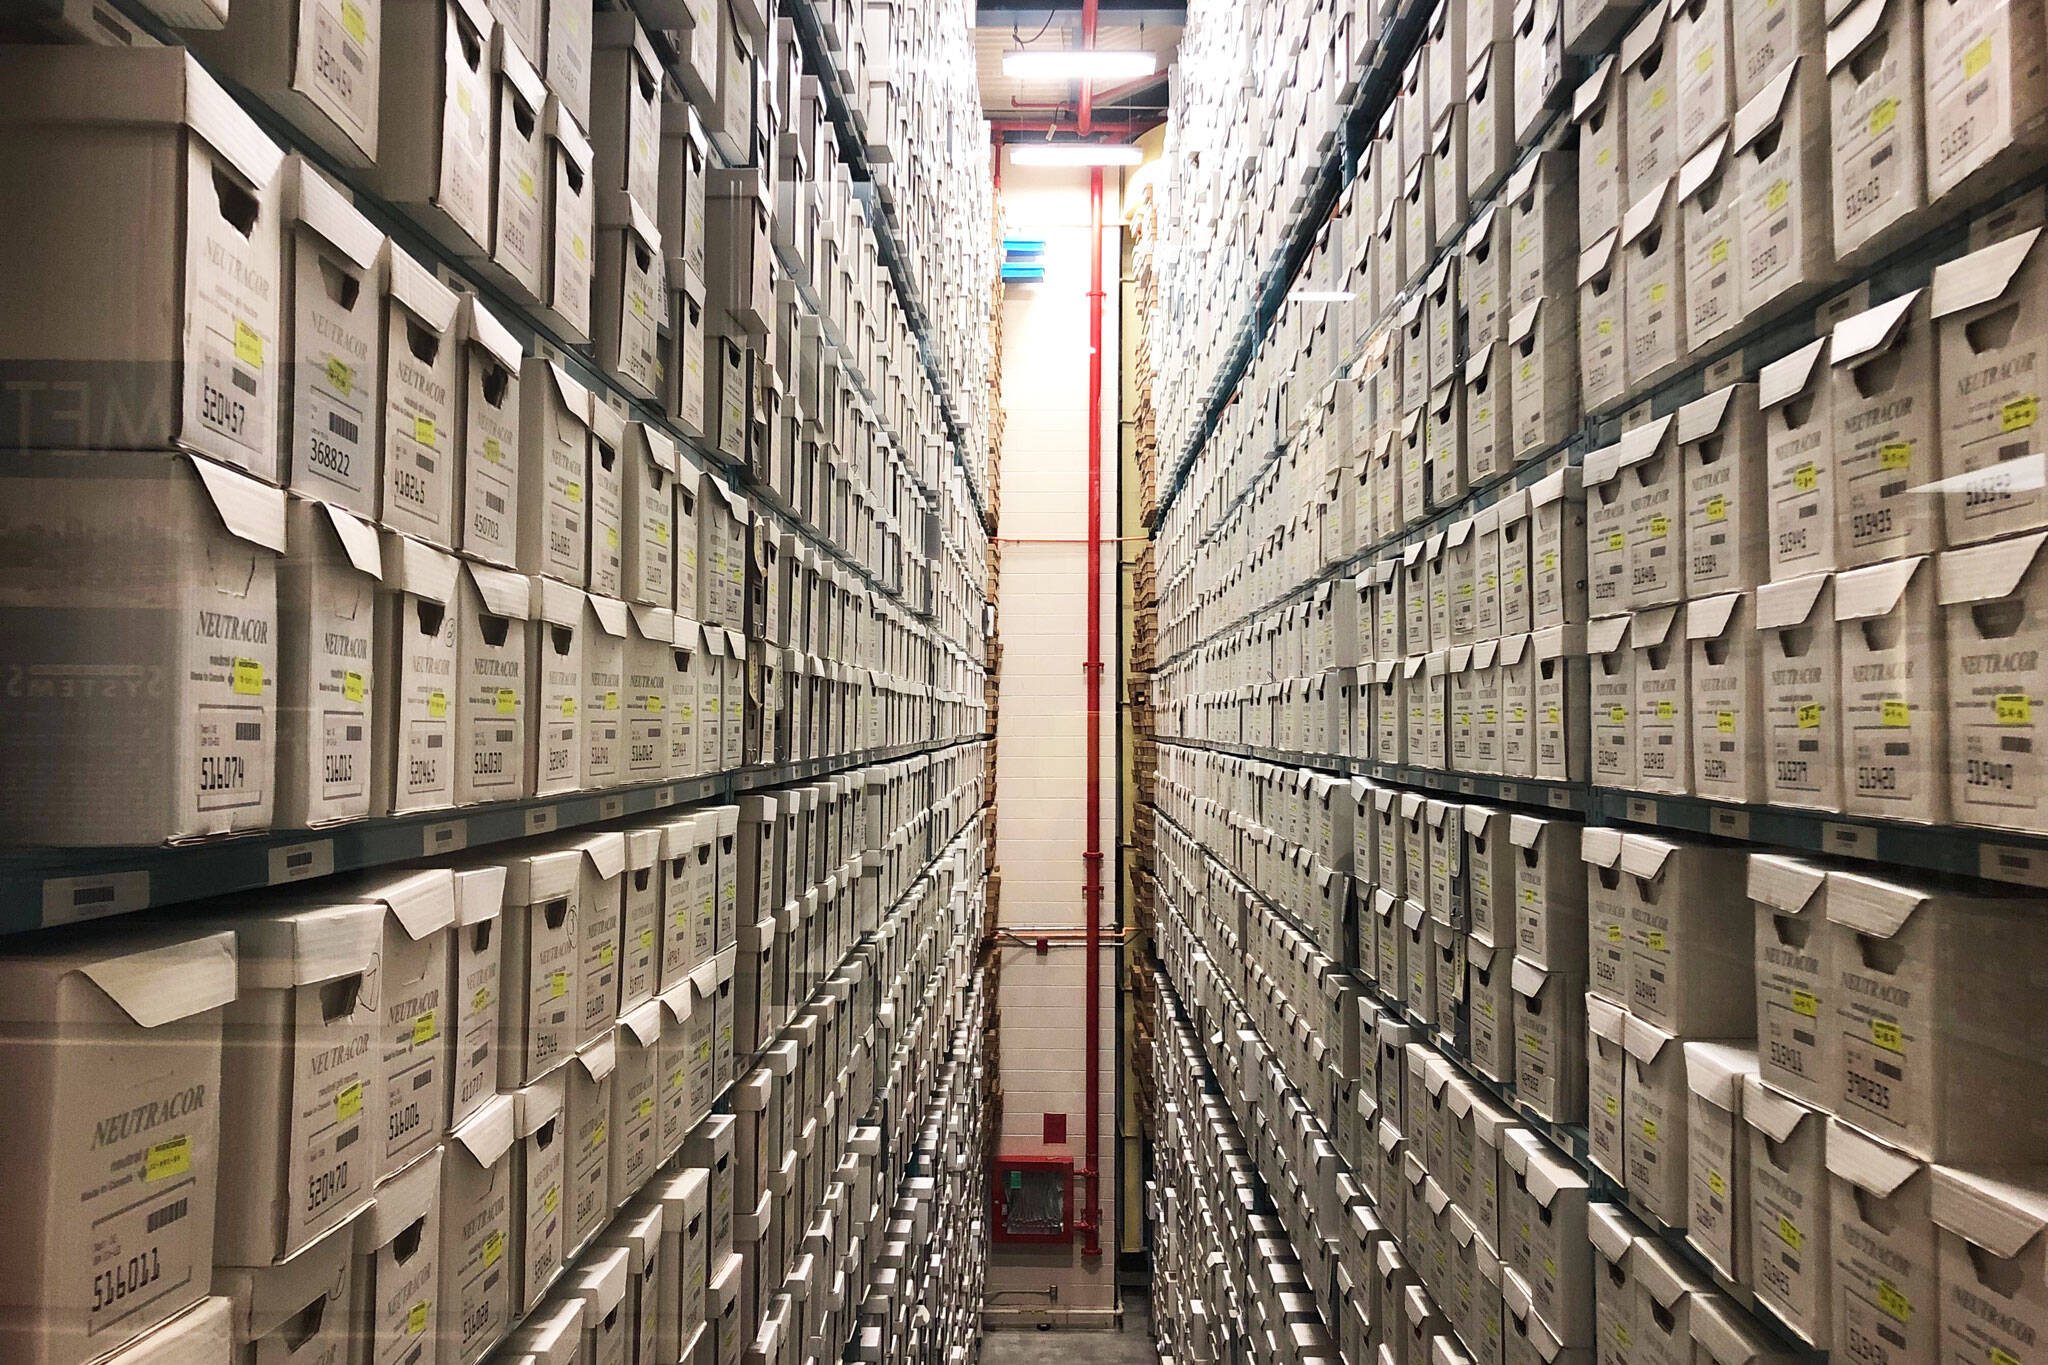 Cercetarea în arhive, blocată de peste un an. Studenții și cercetătorii sunt revoltați